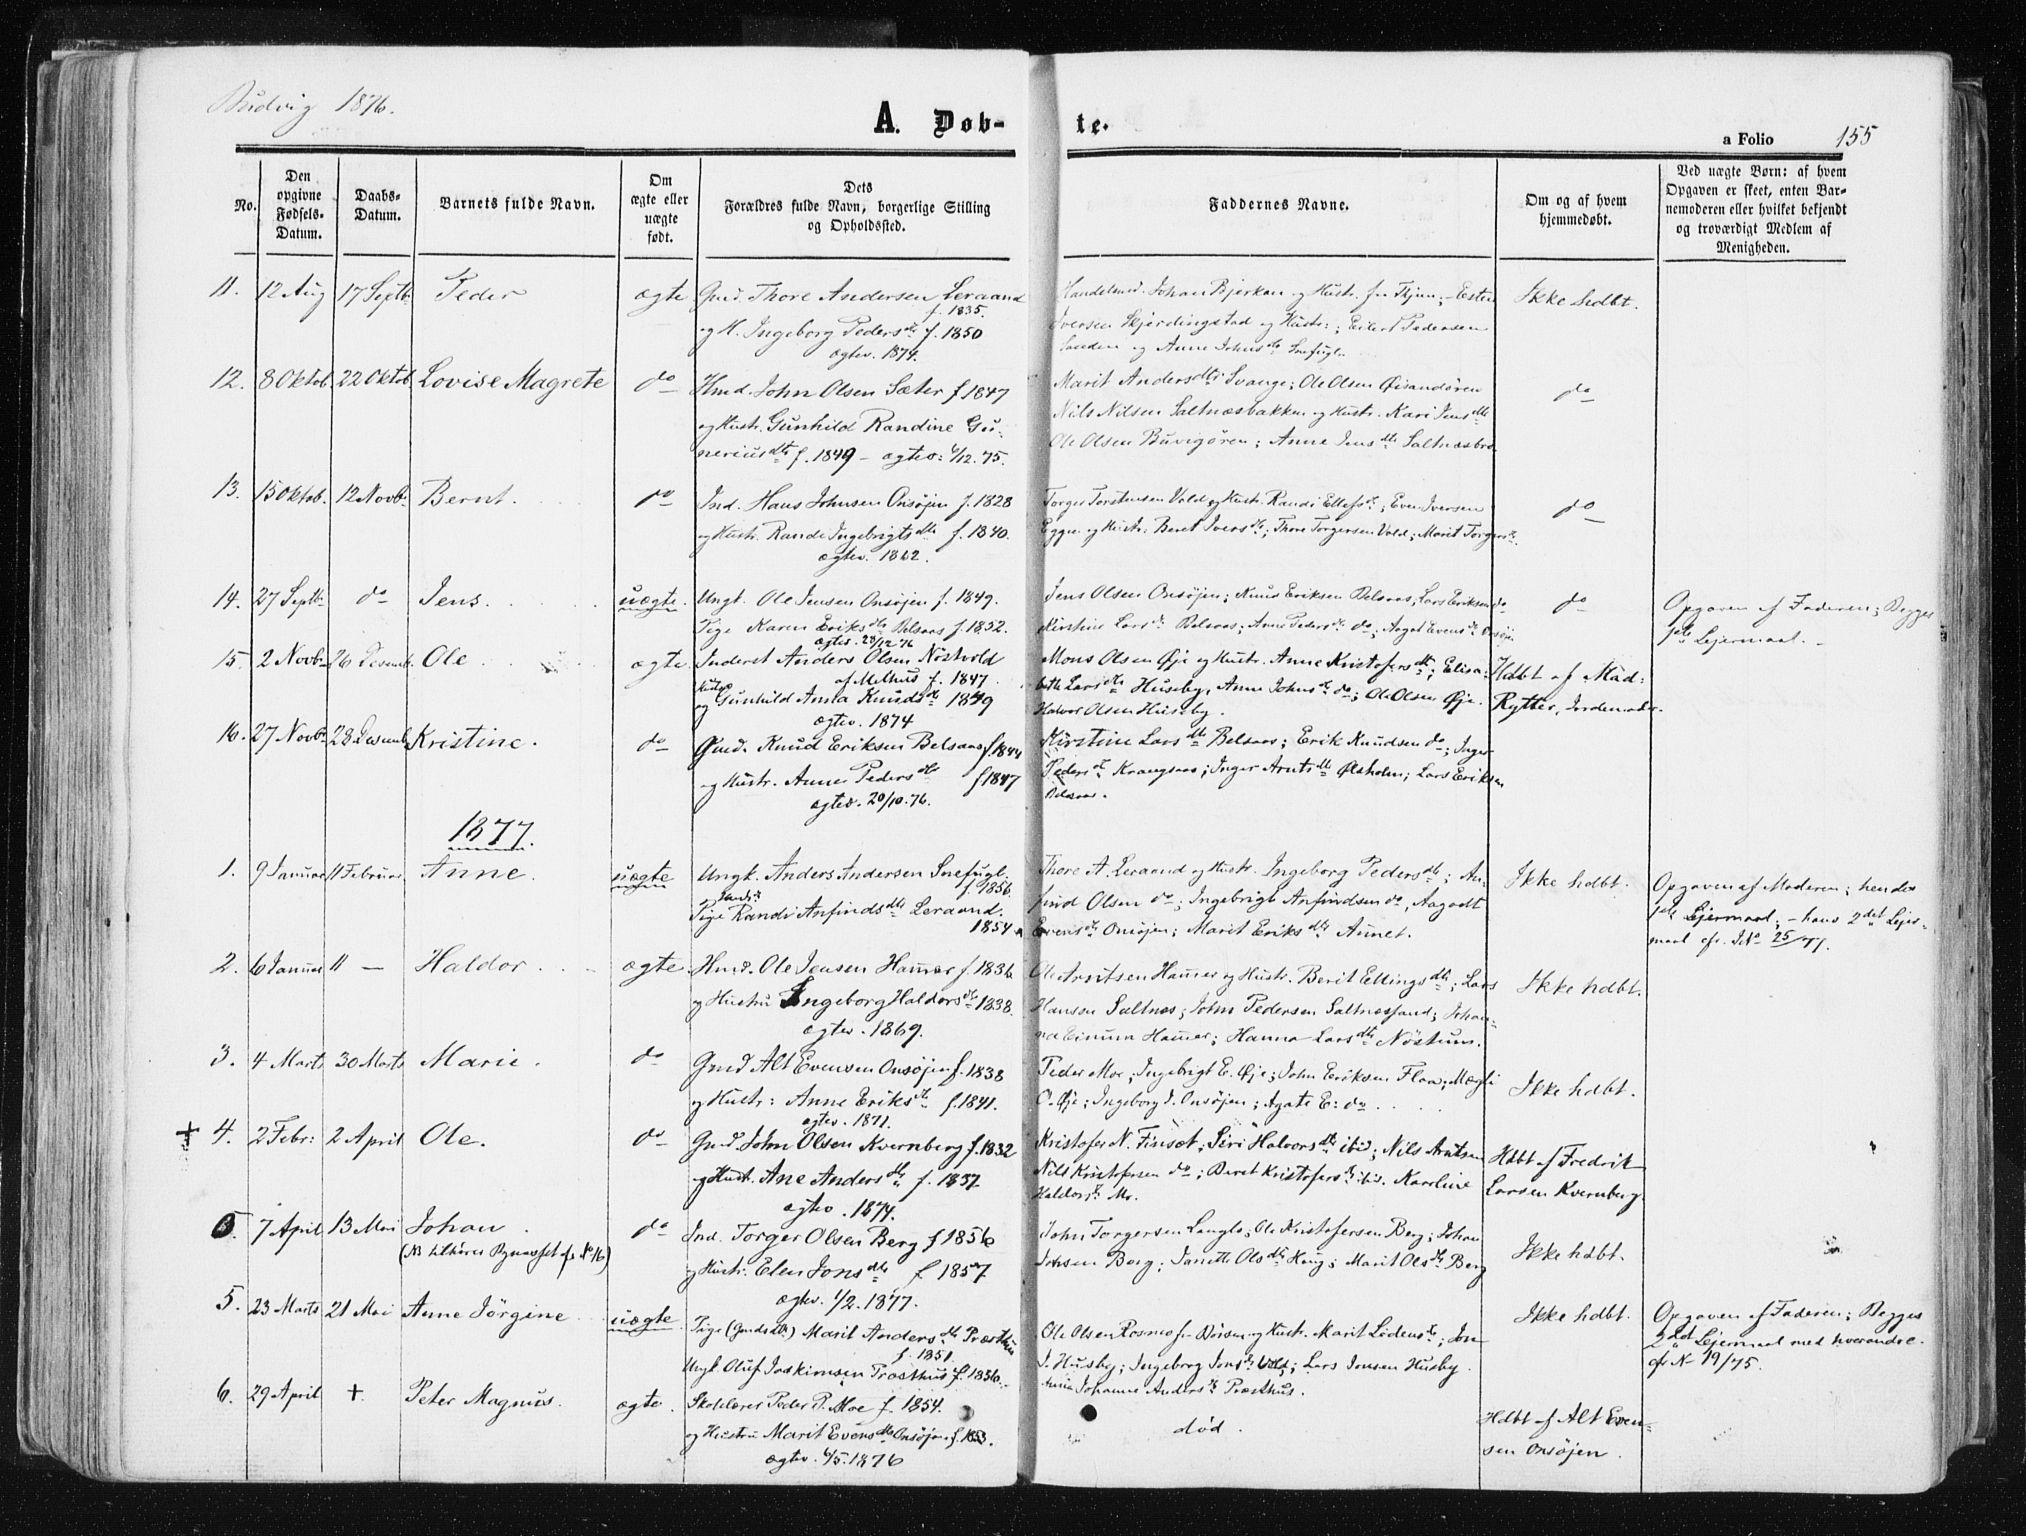 SAT, Ministerialprotokoller, klokkerbøker og fødselsregistre - Sør-Trøndelag, 612/L0377: Ministerialbok nr. 612A09, 1859-1877, s. 155